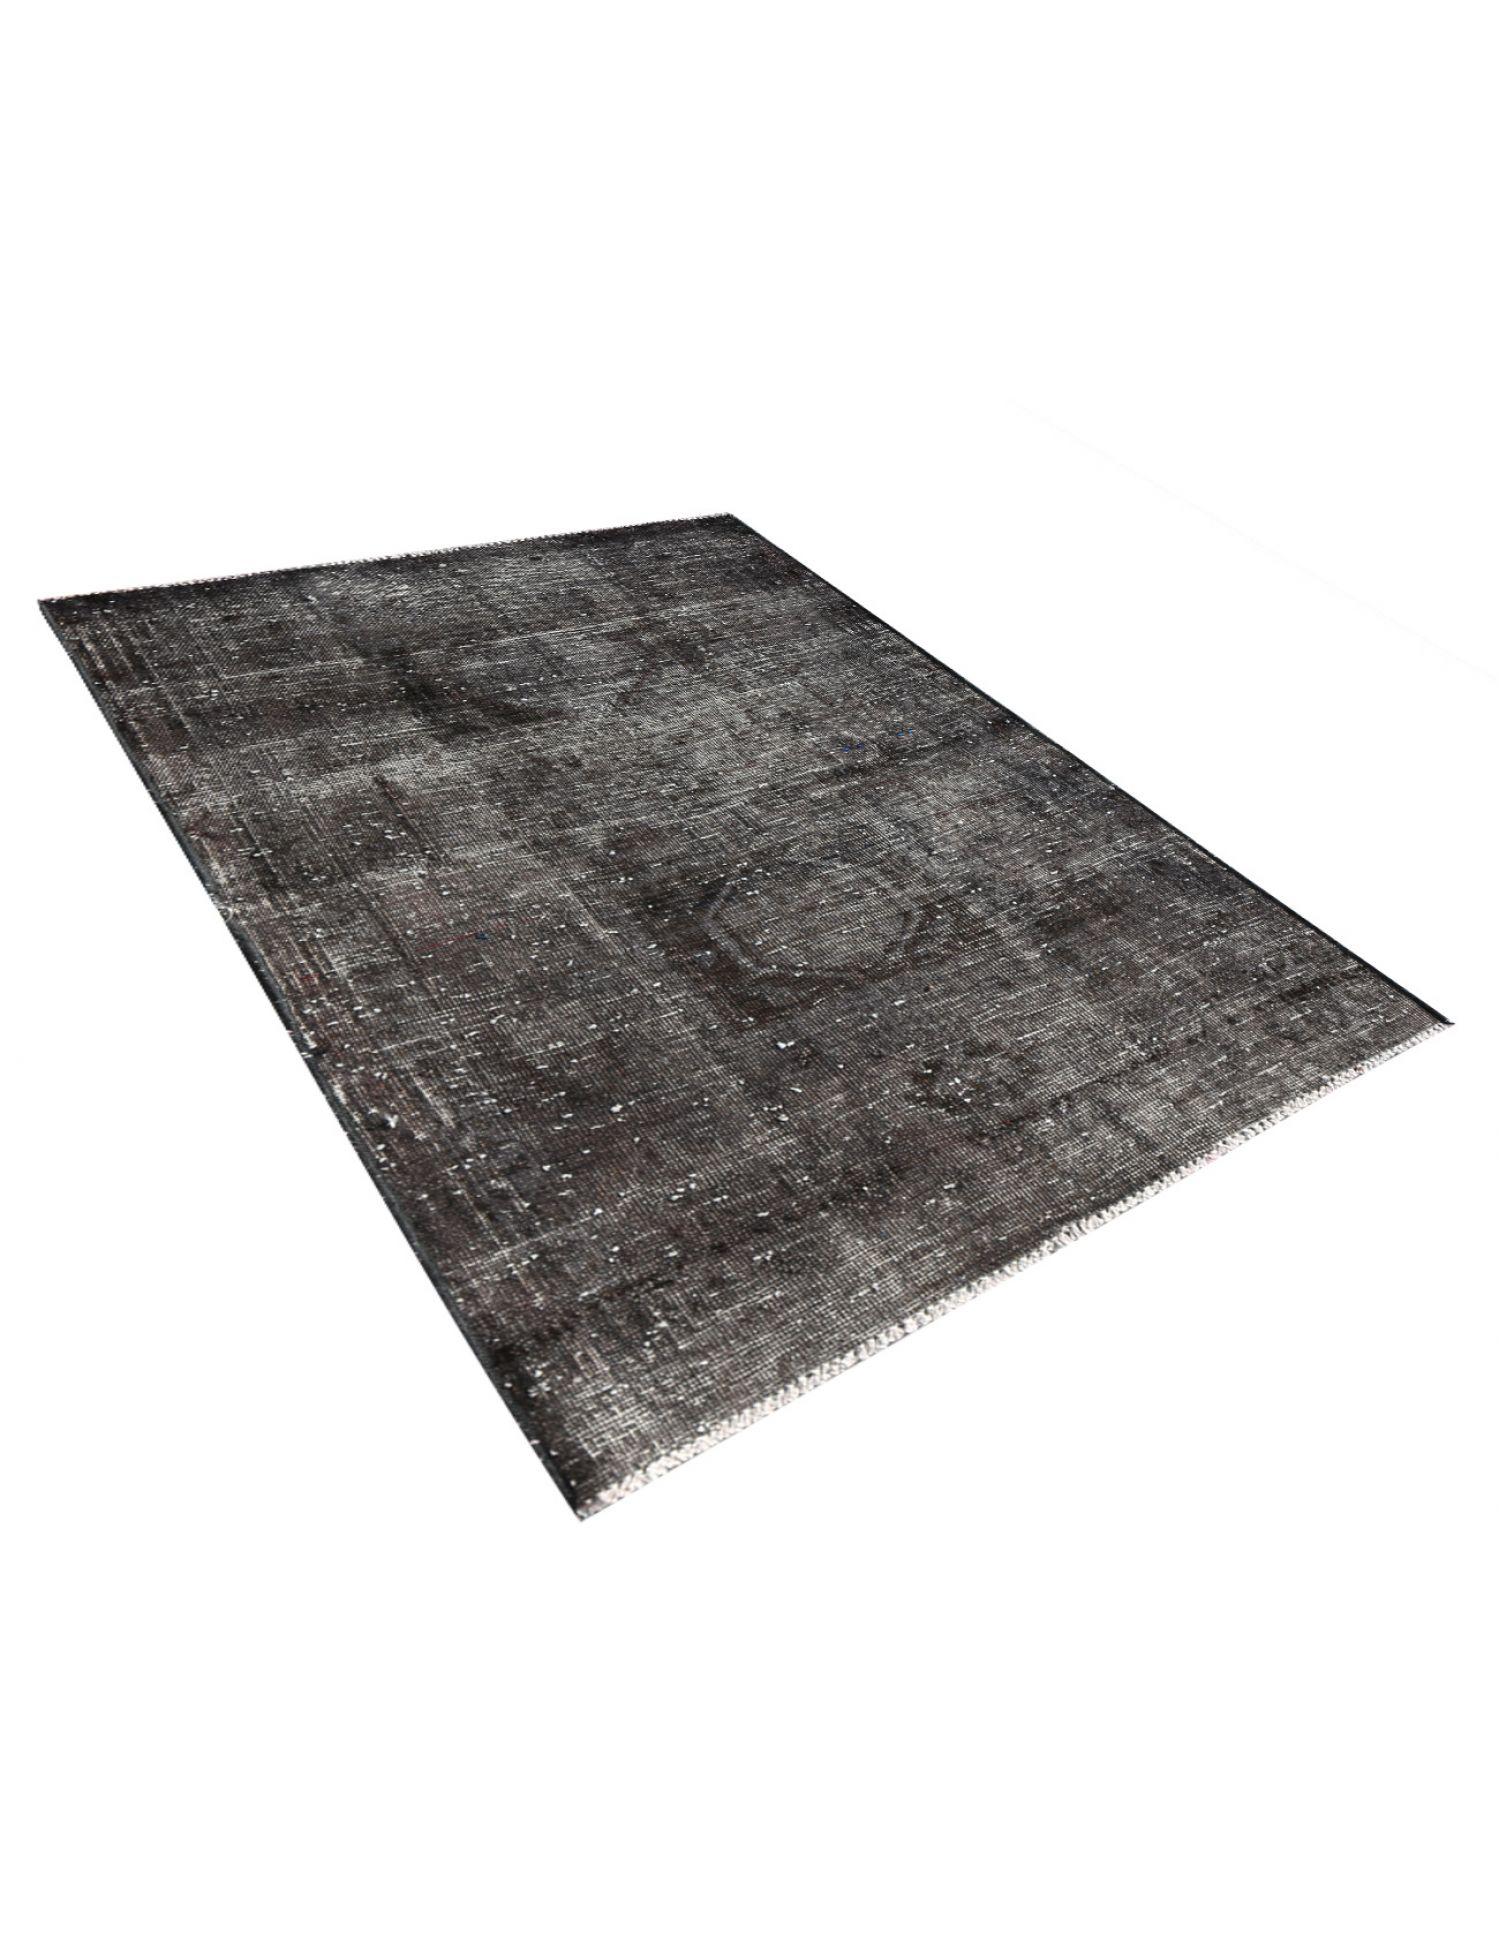 Vintage Teppich  schwarz <br/>144 x 109 cm